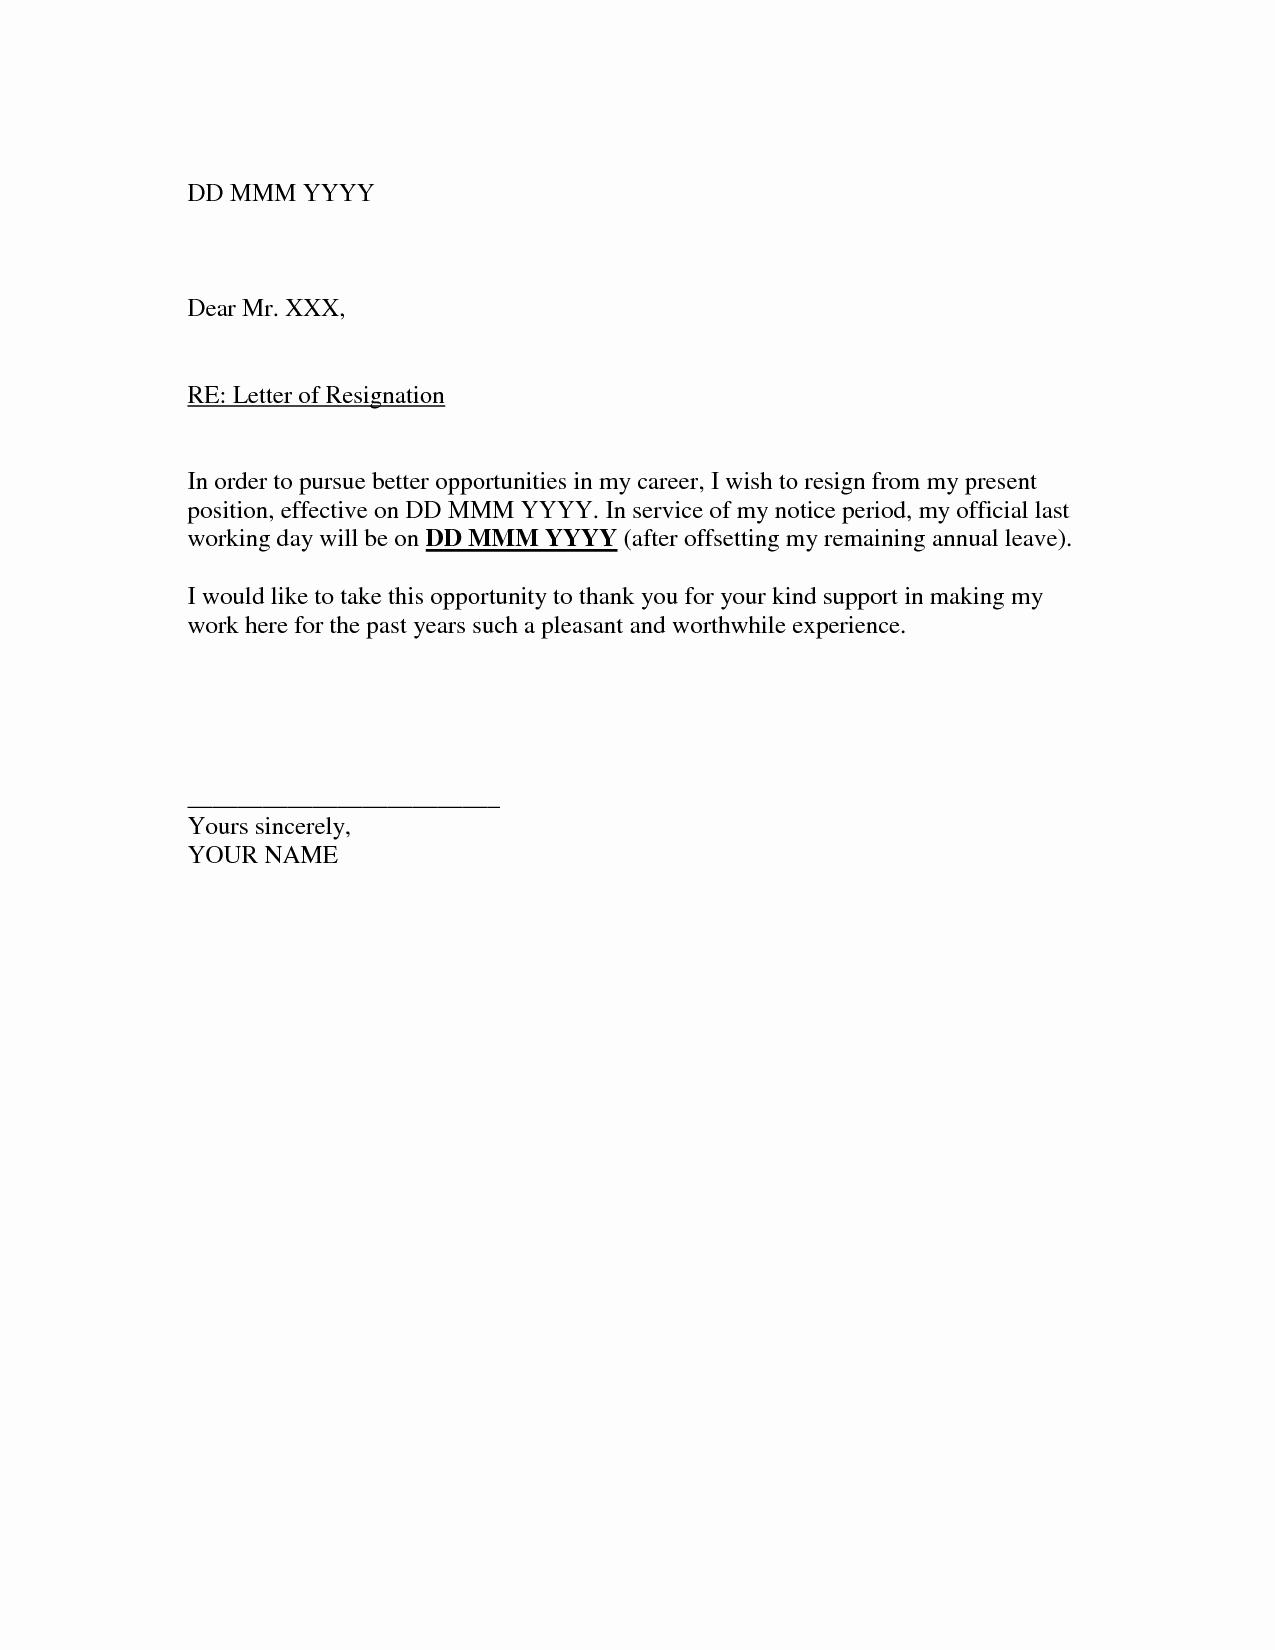 Resignation Letter Sample Free Unique Printable Sample Letter Of Resignation form